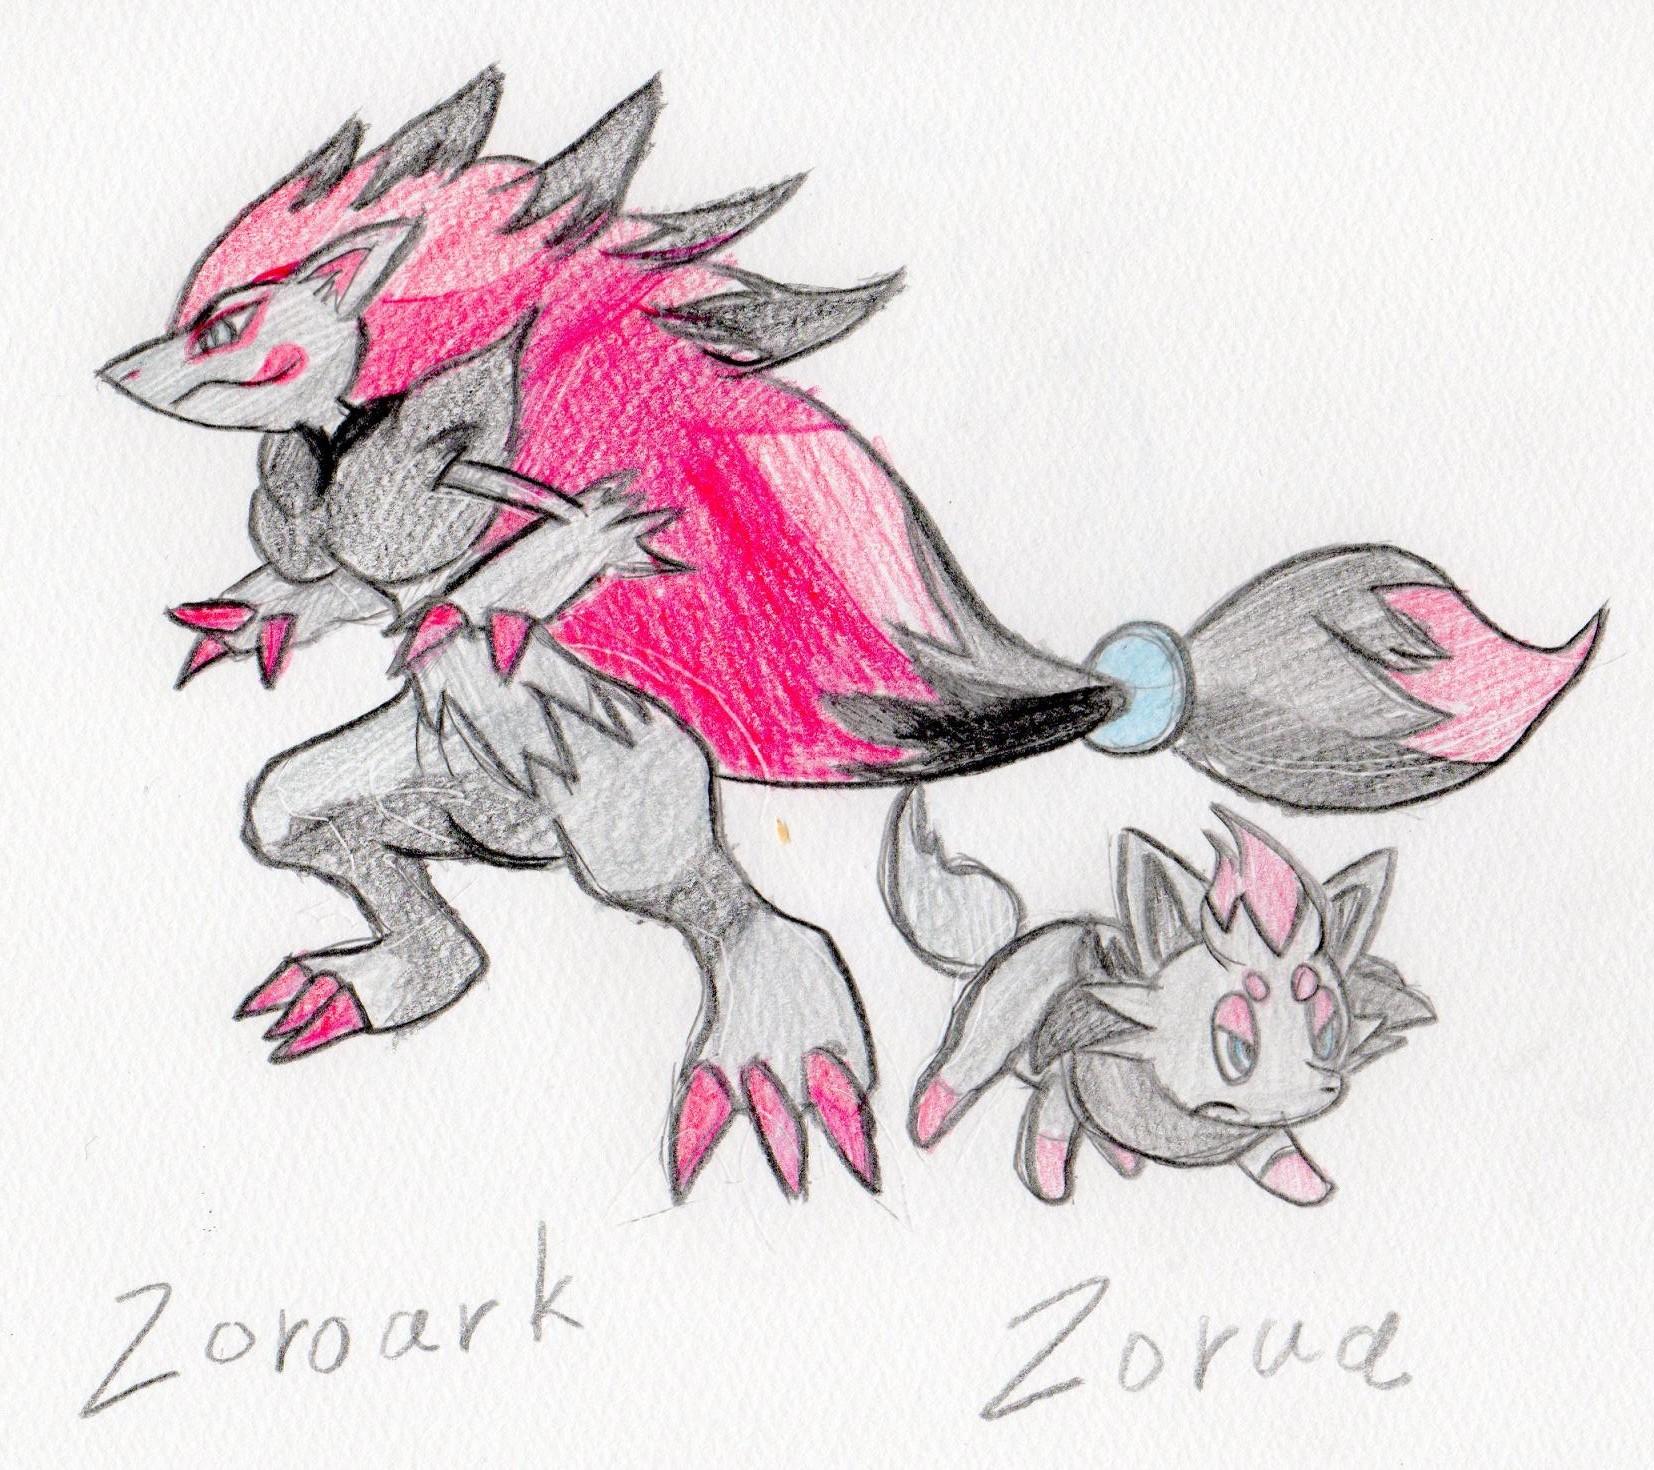 ゾロア&ゾロアーク